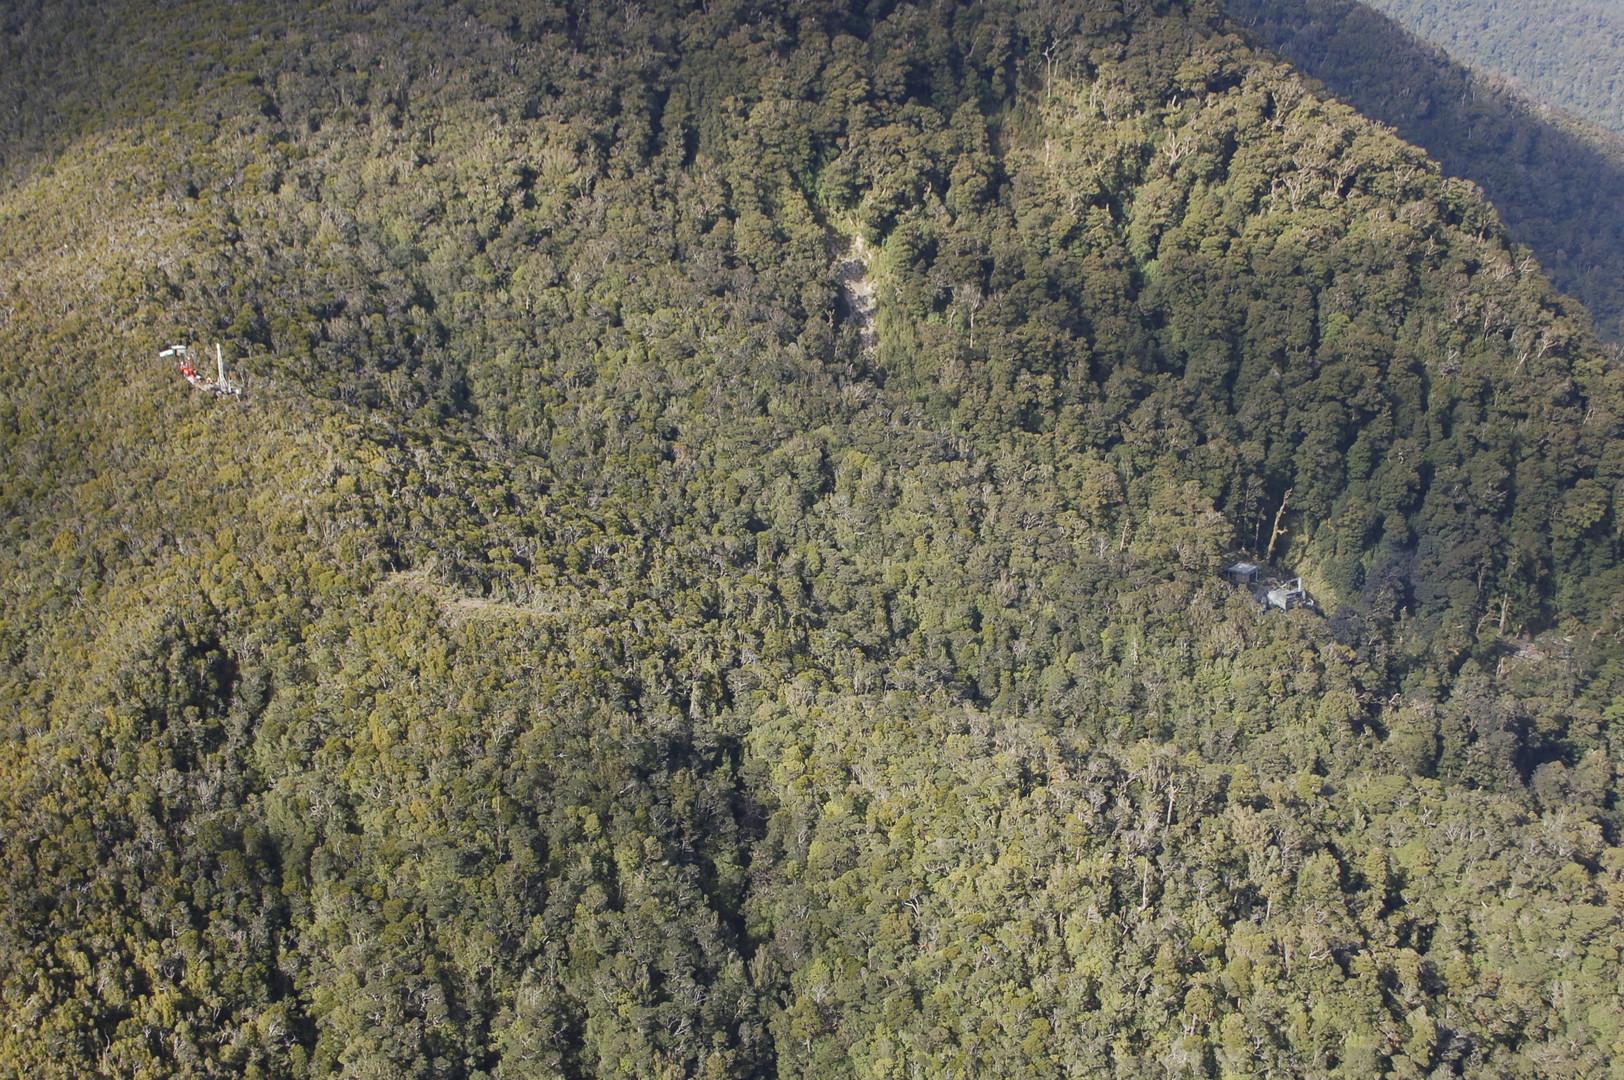 شرطة نيوزيلندا تؤكد تحطم طائرة خفيفة ومقتل طيارها